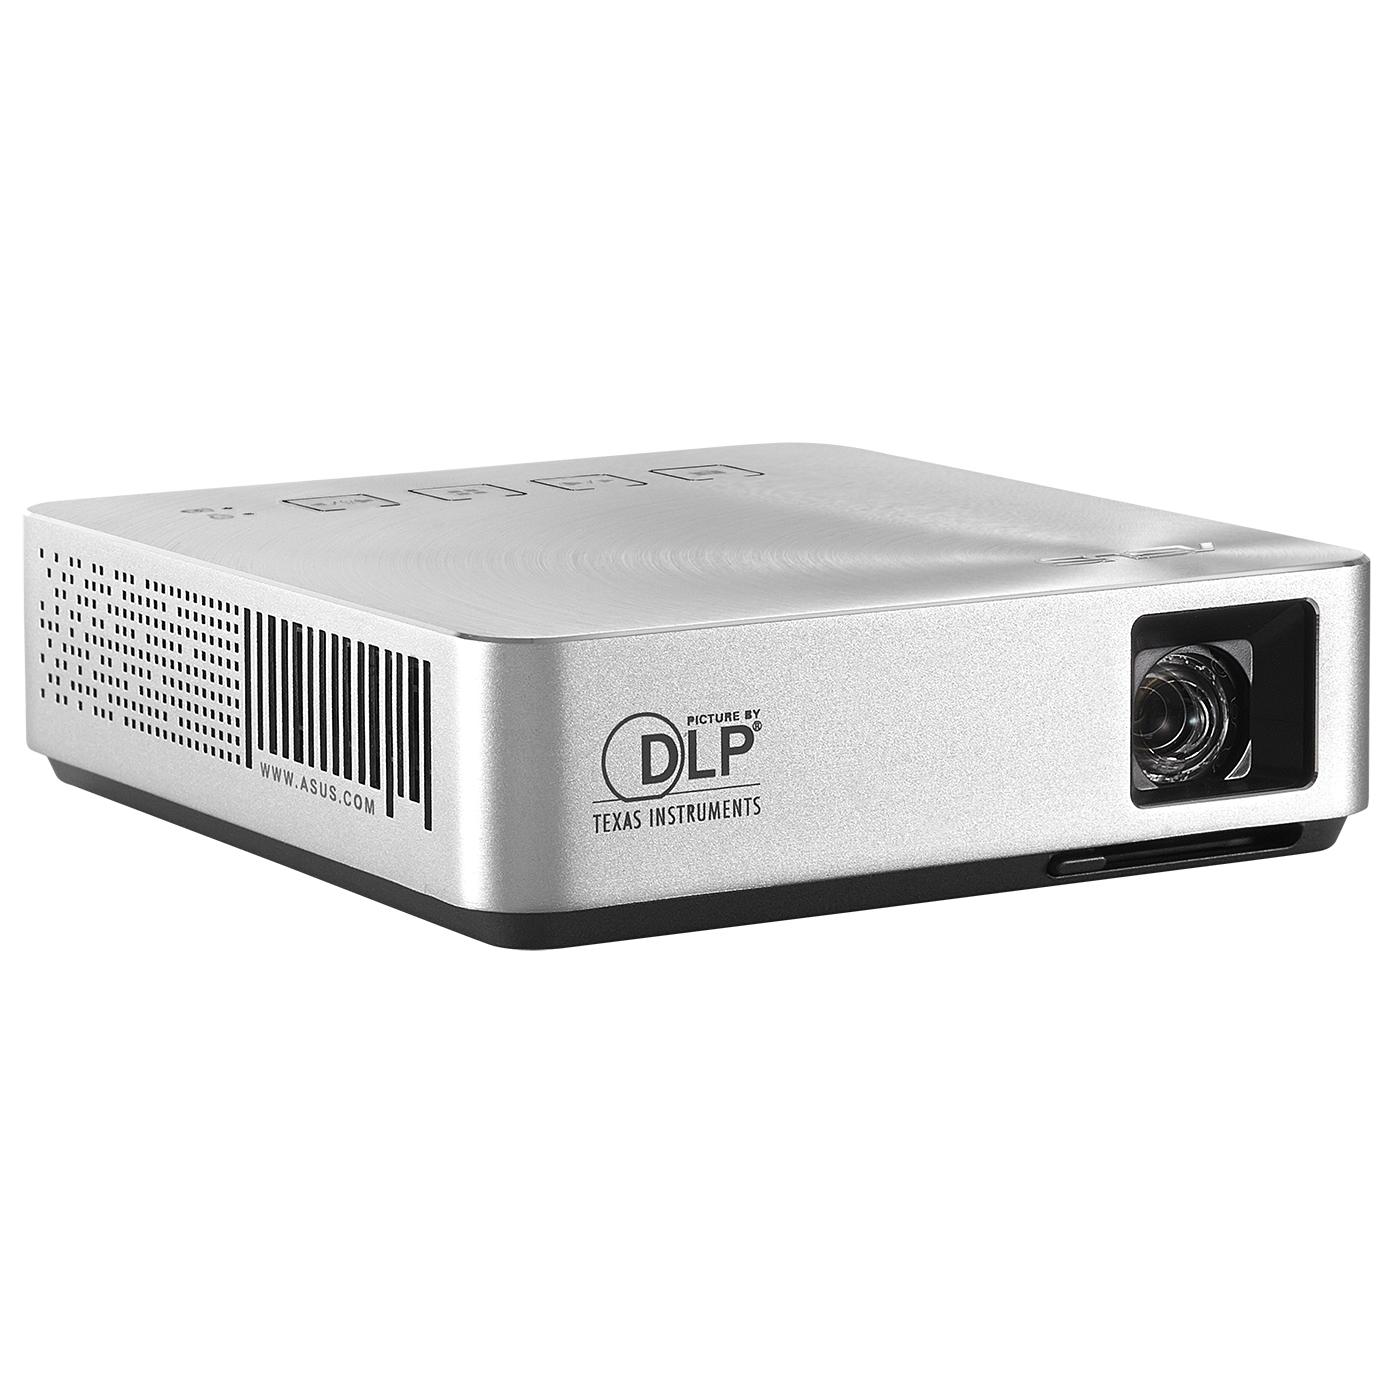 Vidéoprojecteur ASUS S1 Argent  Vidéoprojecteur de poche DLP à LED WVGA 200 Lumens